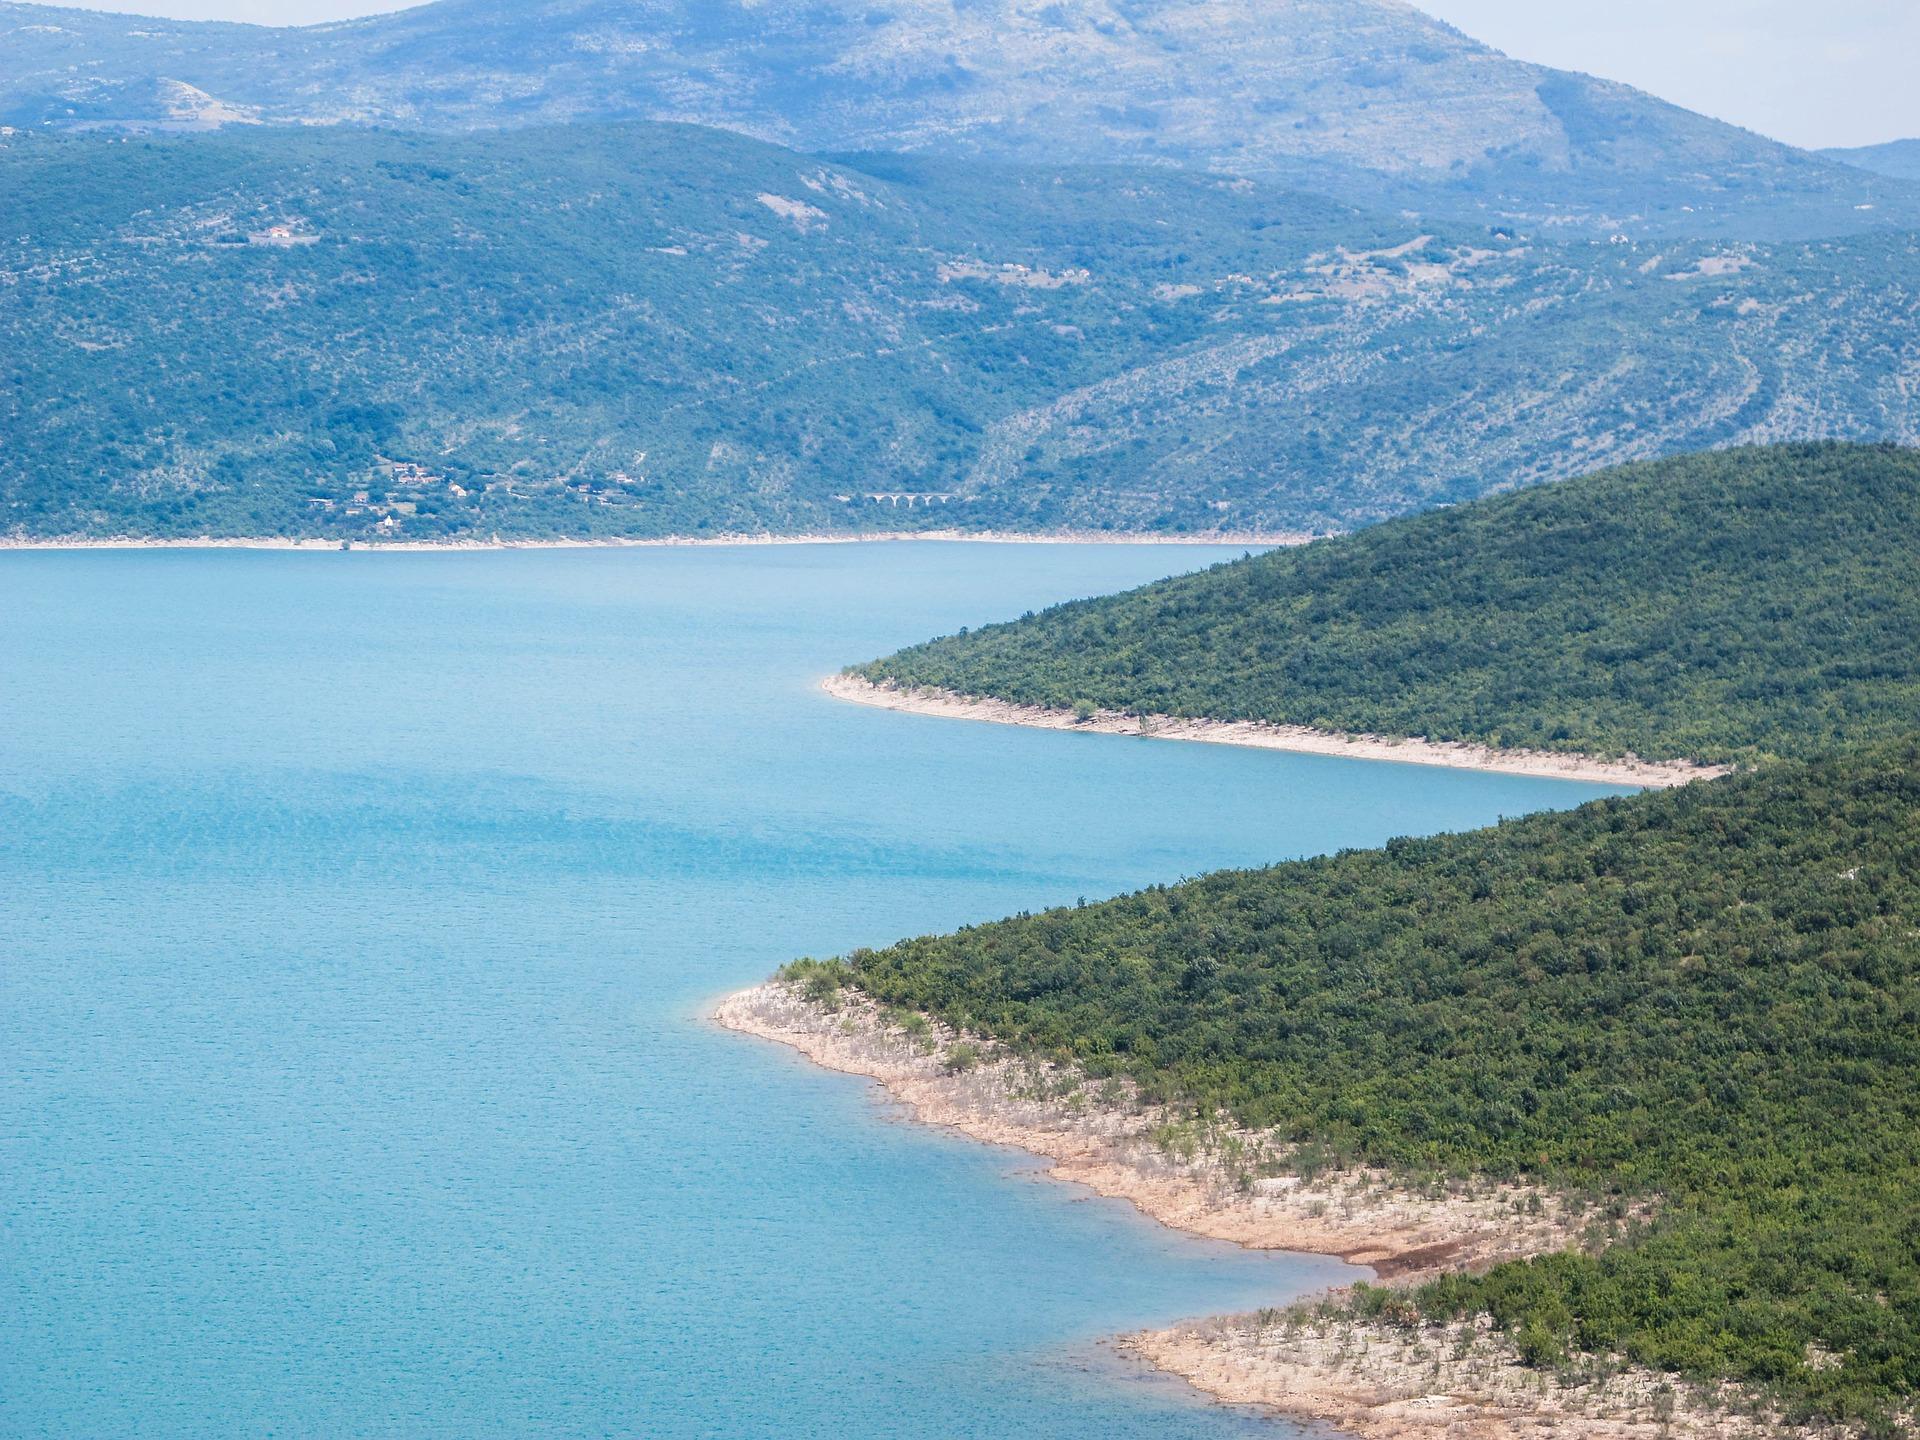 Im Land gibt es soviele Seen zu entdecken